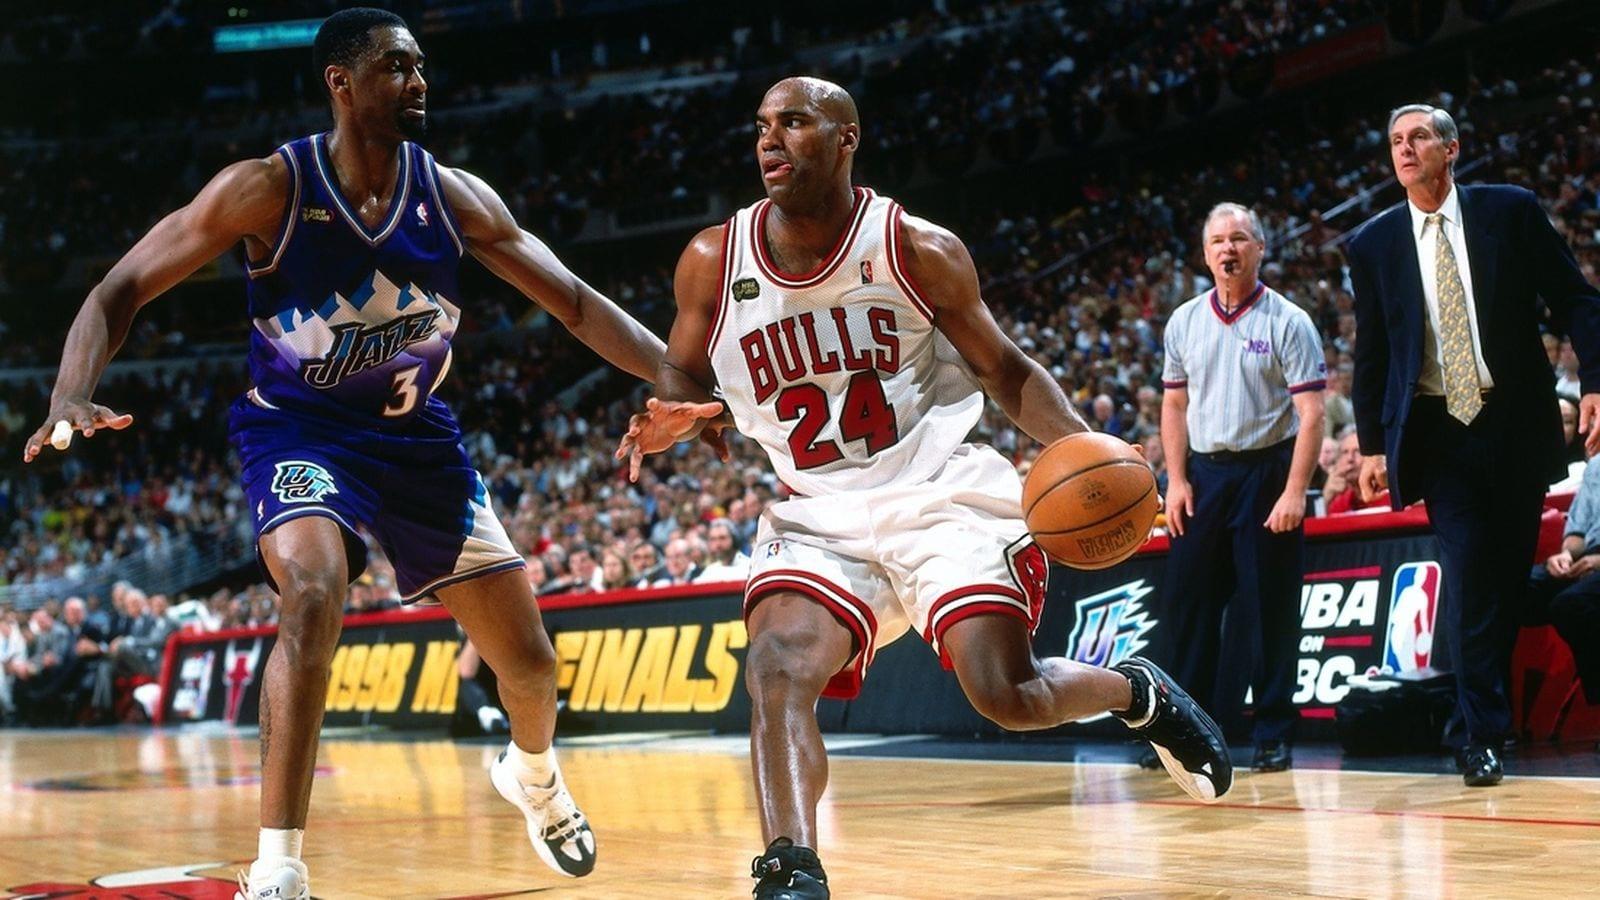 Basketball Players: 5 NBA Players Who Played Baseball